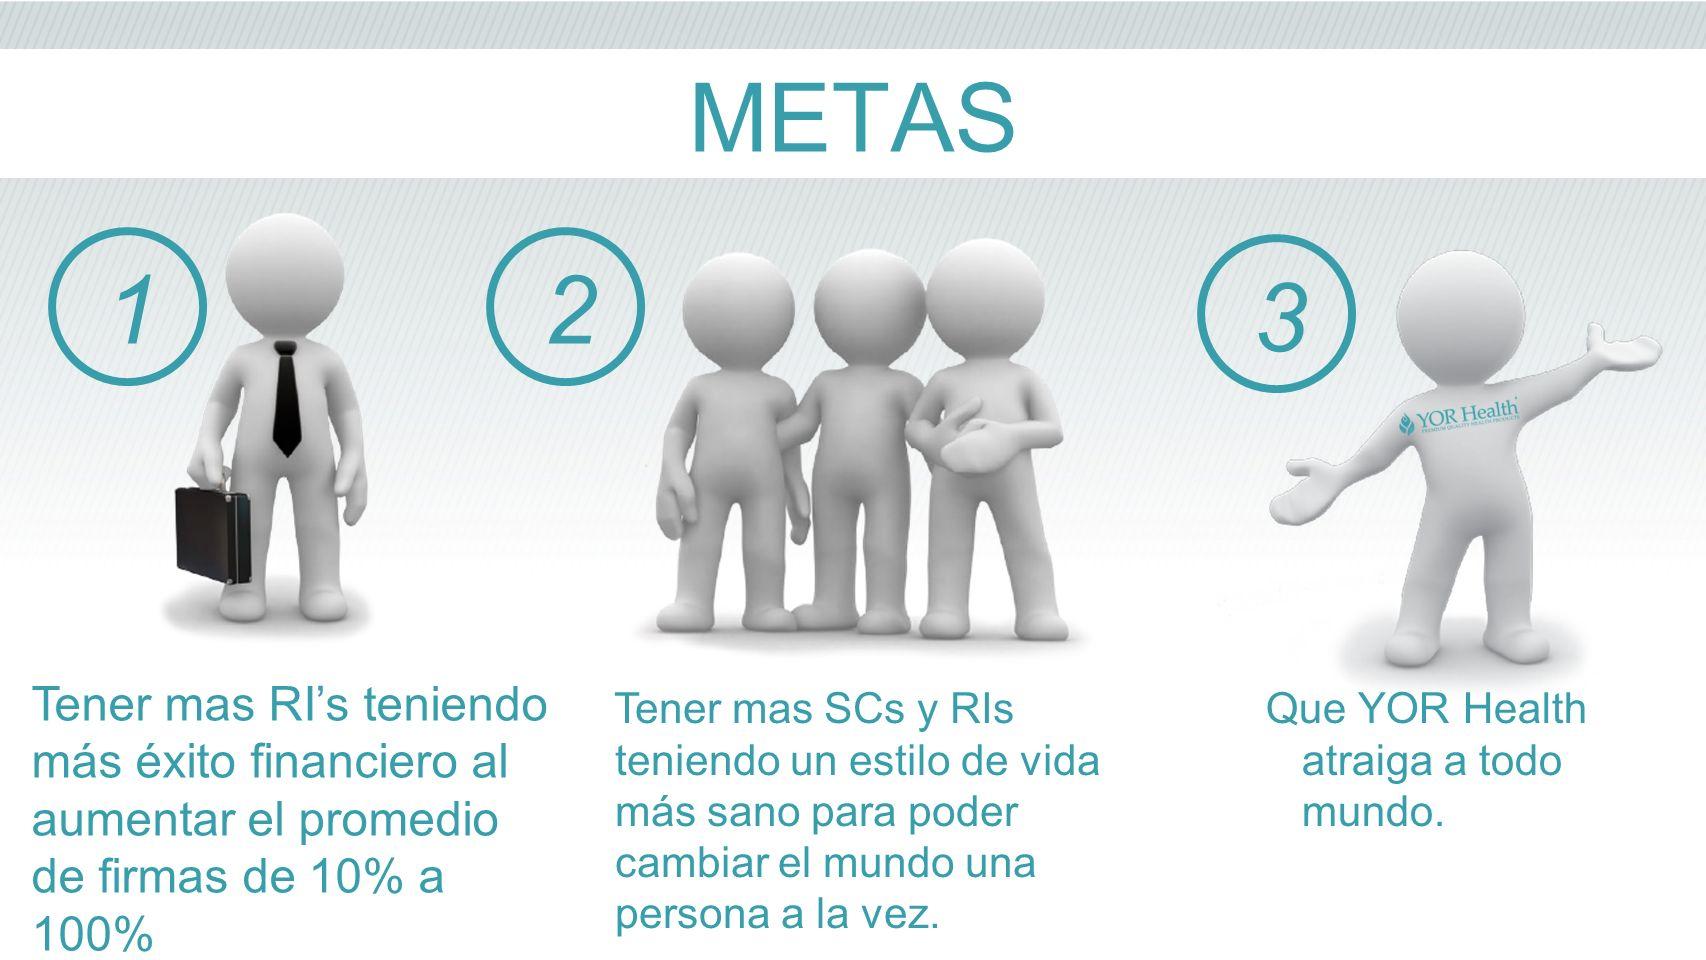 METAS 12 Que YOR Health atraiga a todo mundo. 3 Tener mas SCs y RIs teniendo un estilo de vida más sano para poder cambiar el mundo una persona a la v